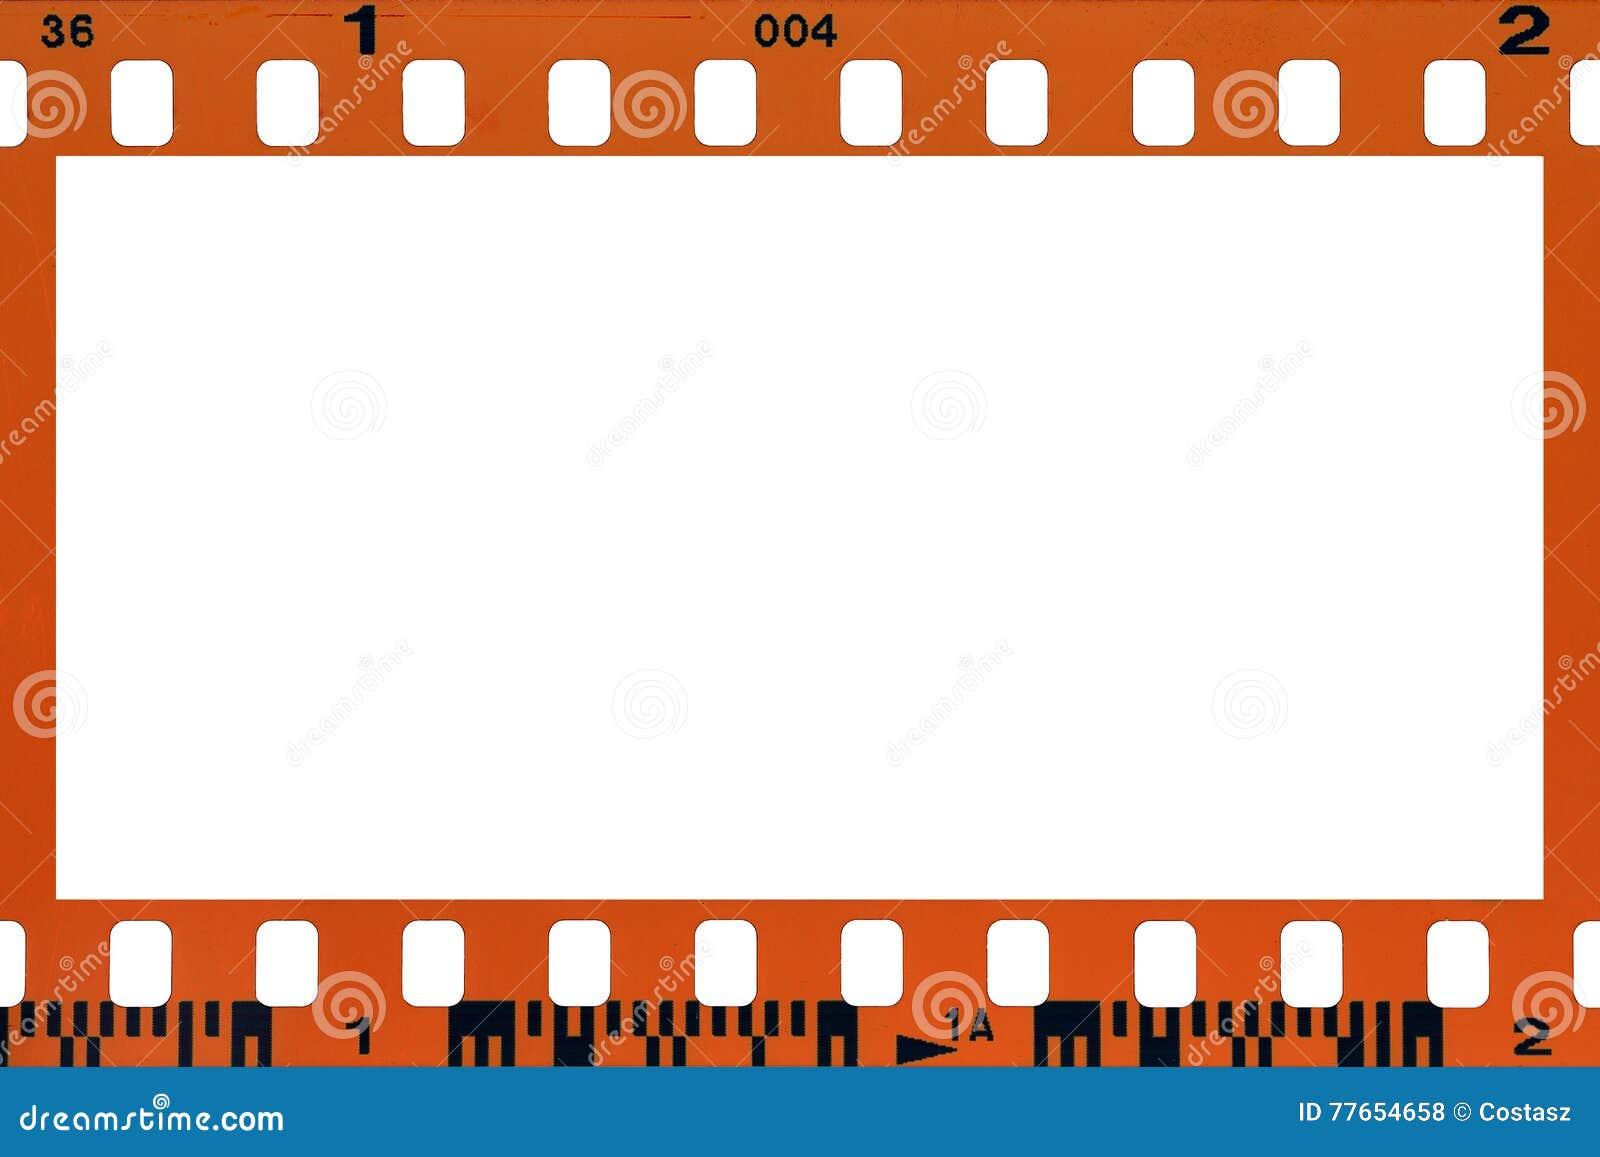 Blank filmstrip